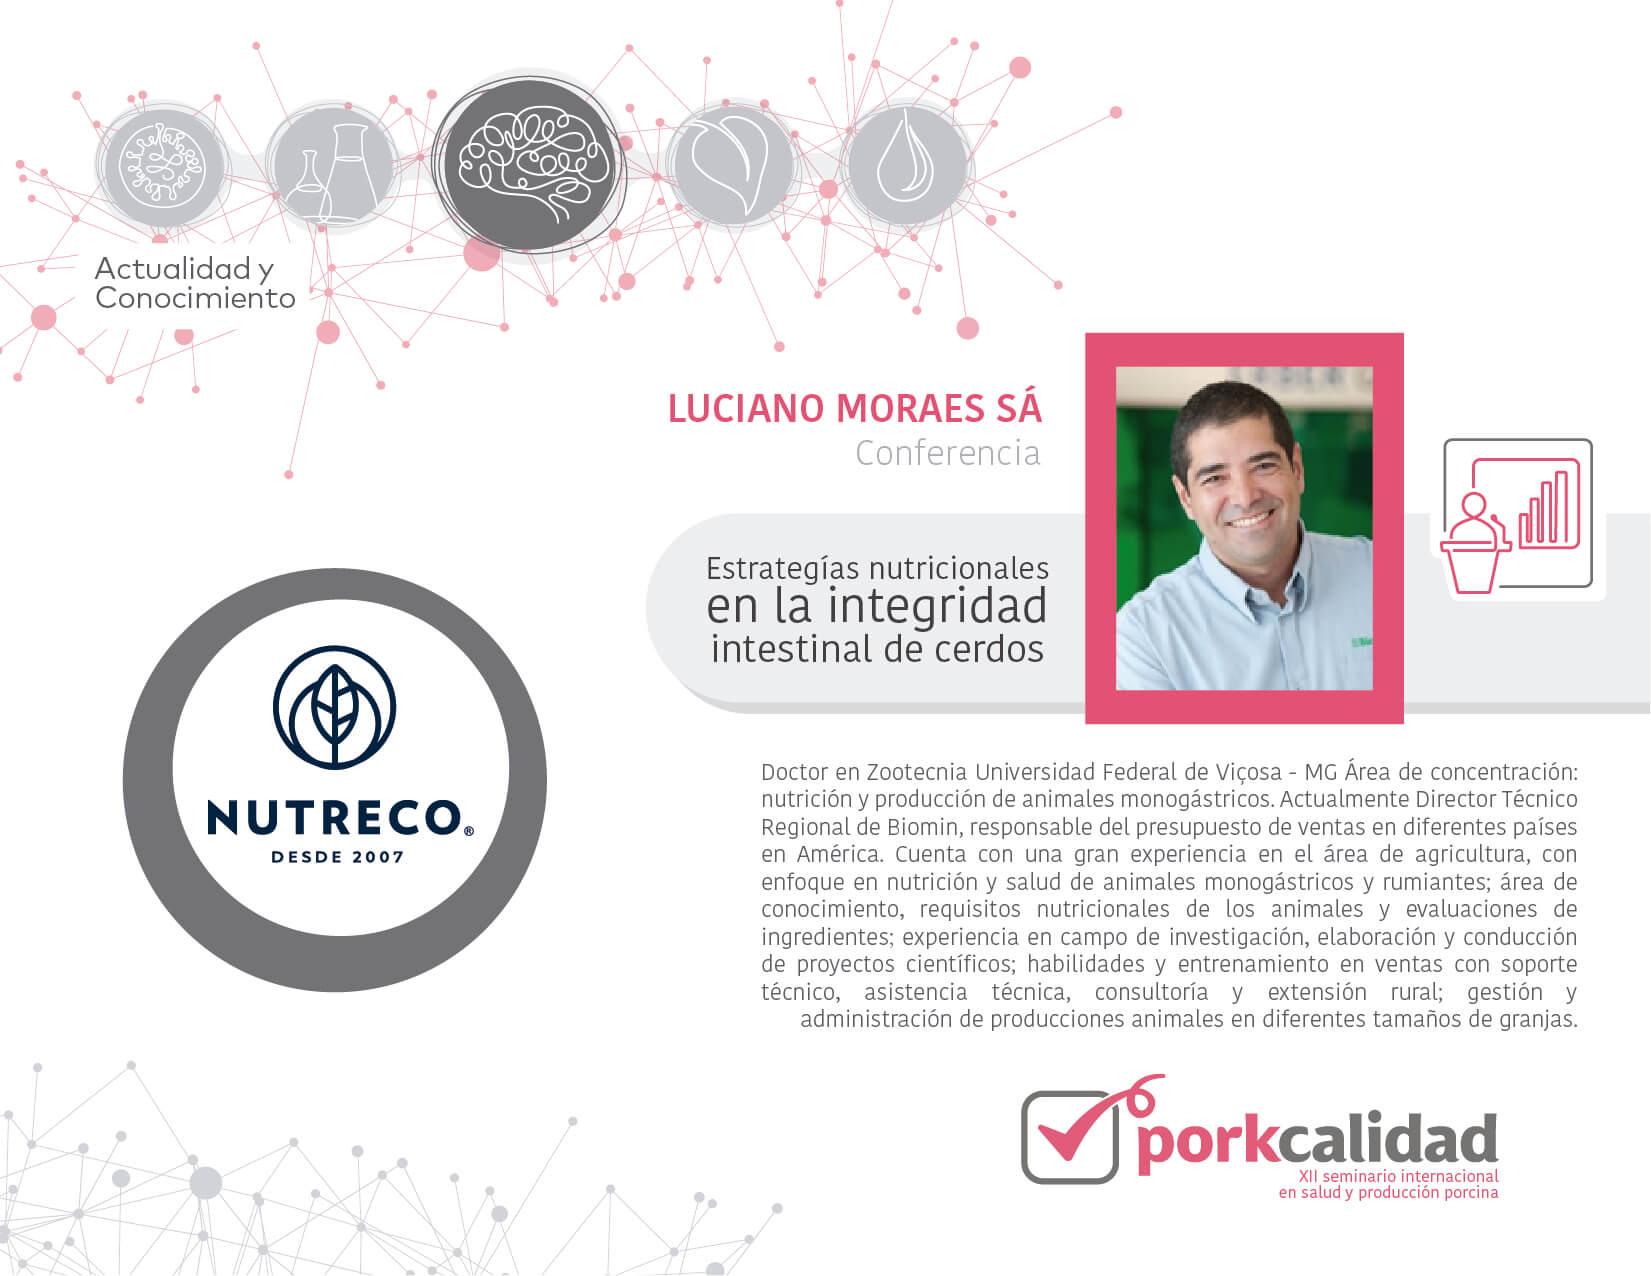 Porkcalidad2019_Nutreco (1)